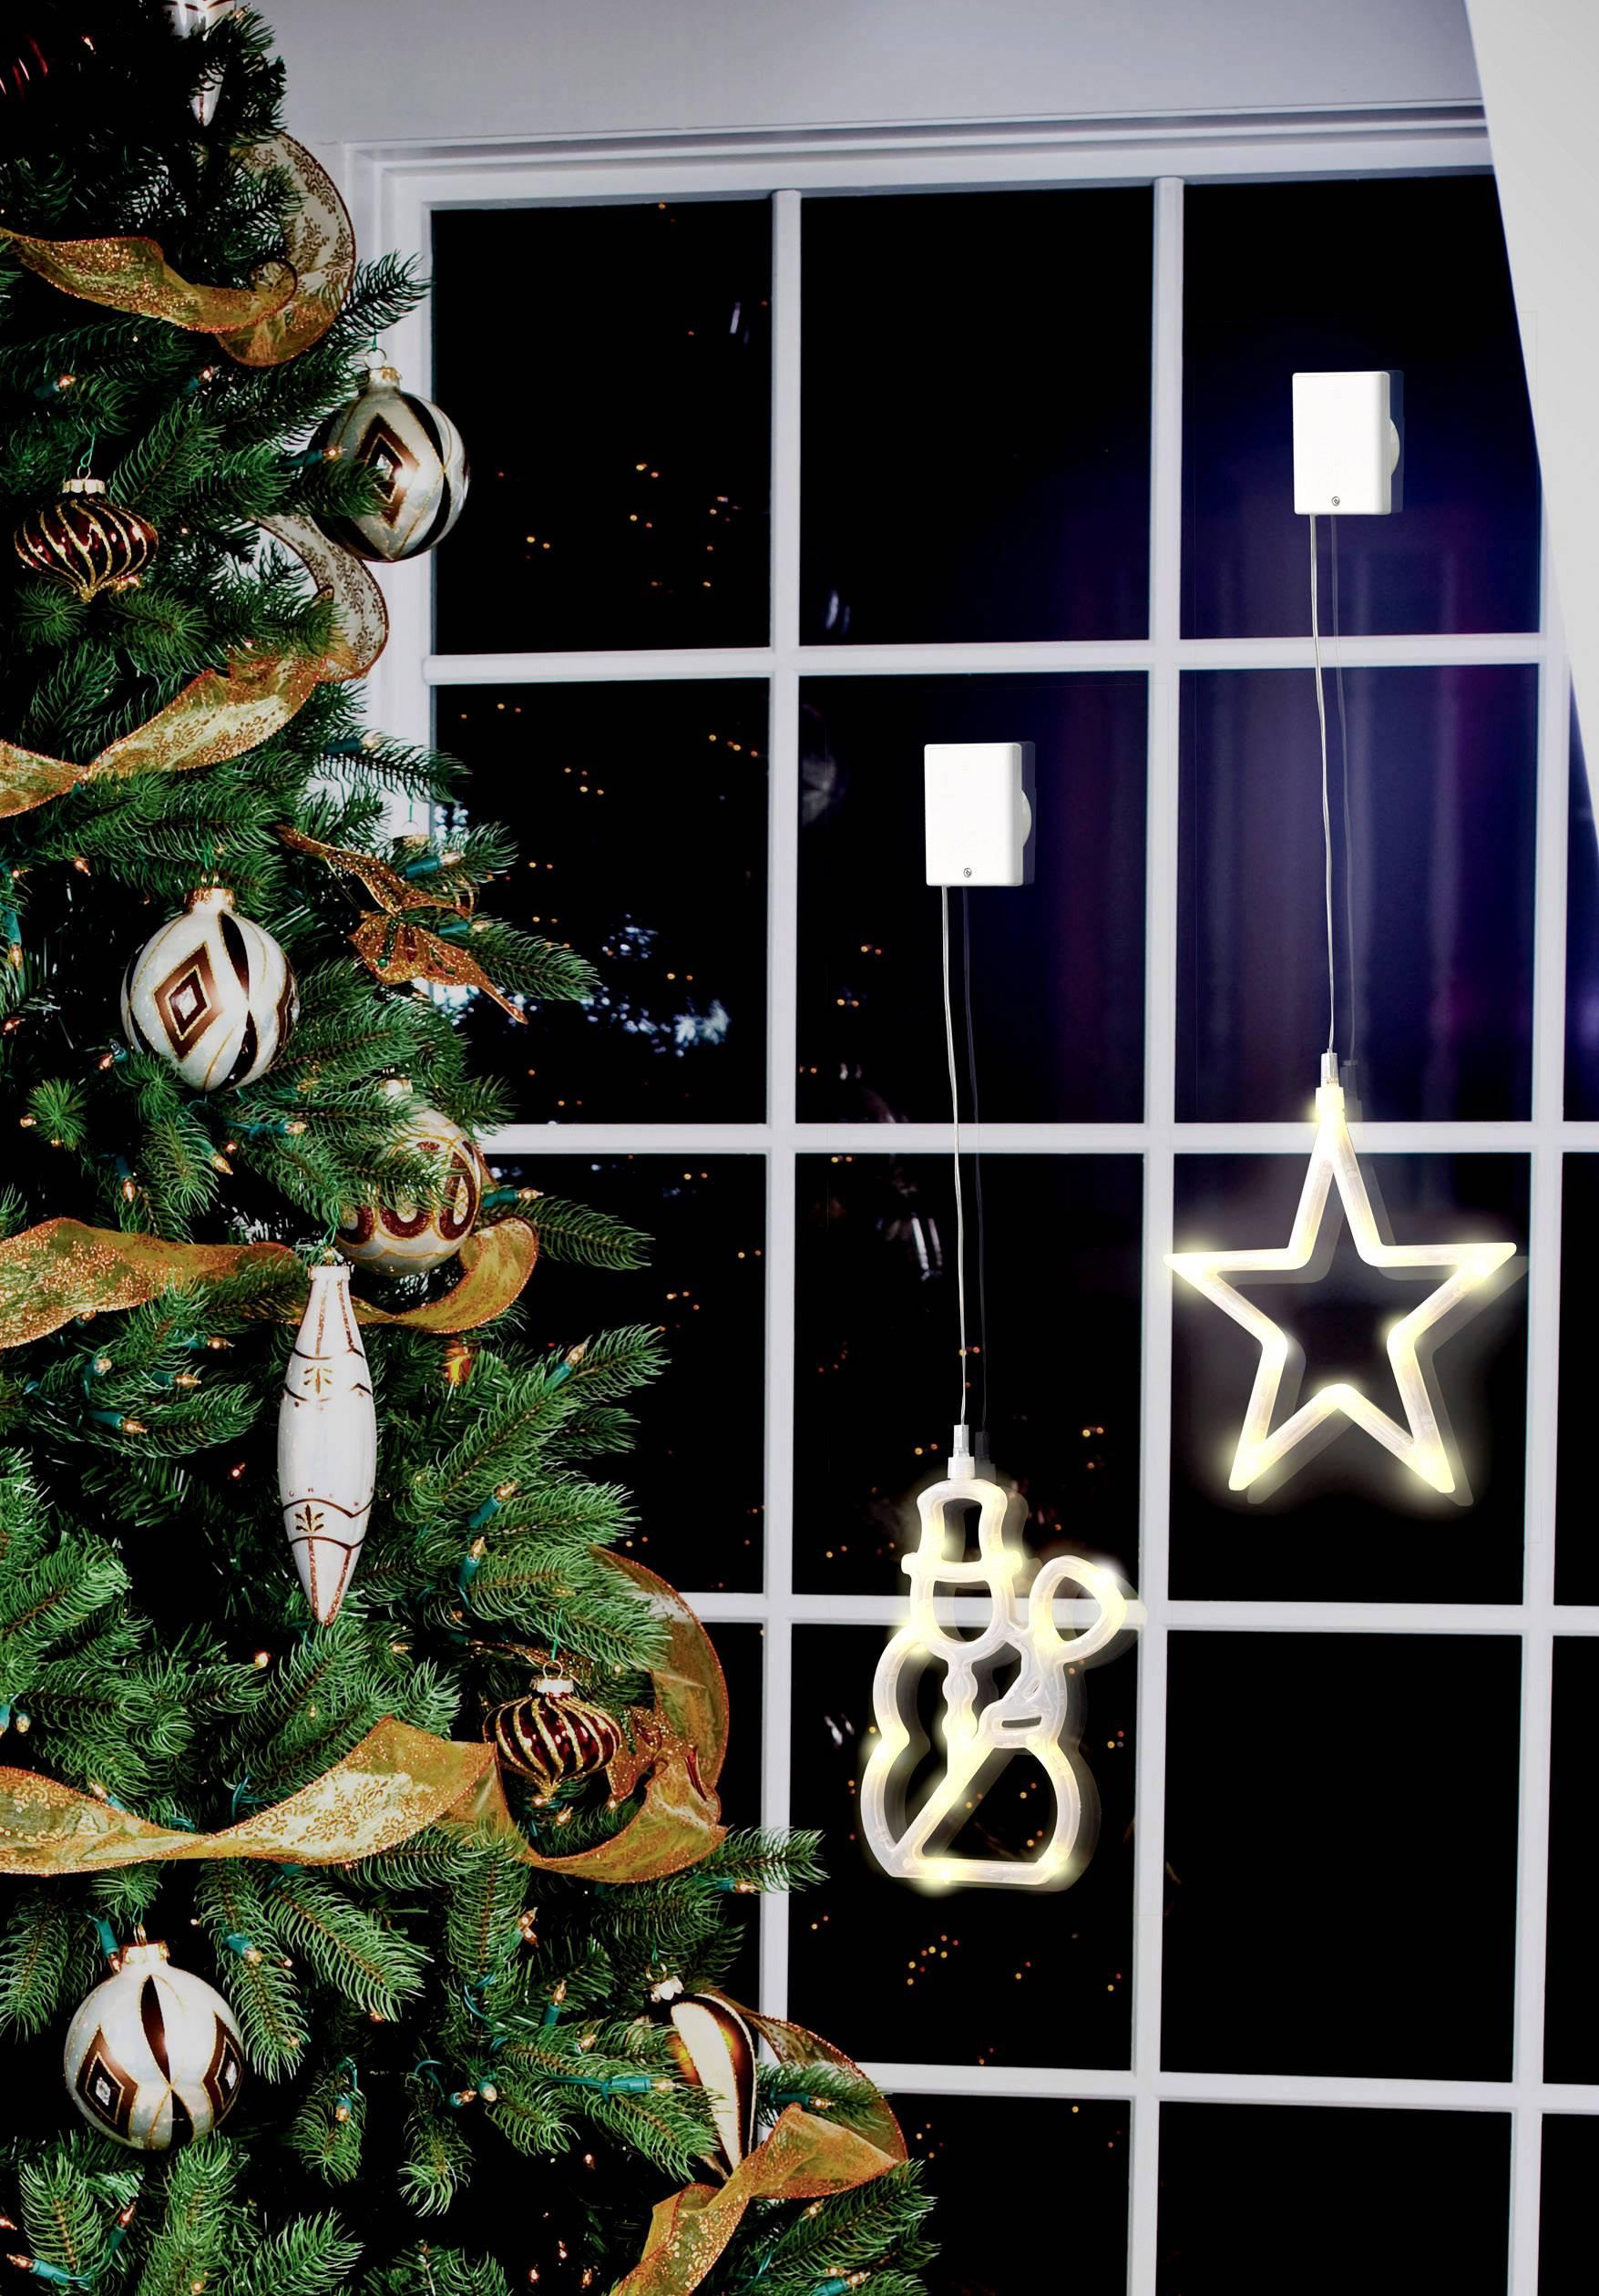 Vianočné LED osvetlenie do okna Polarlite LBA-50-009, snehuliak